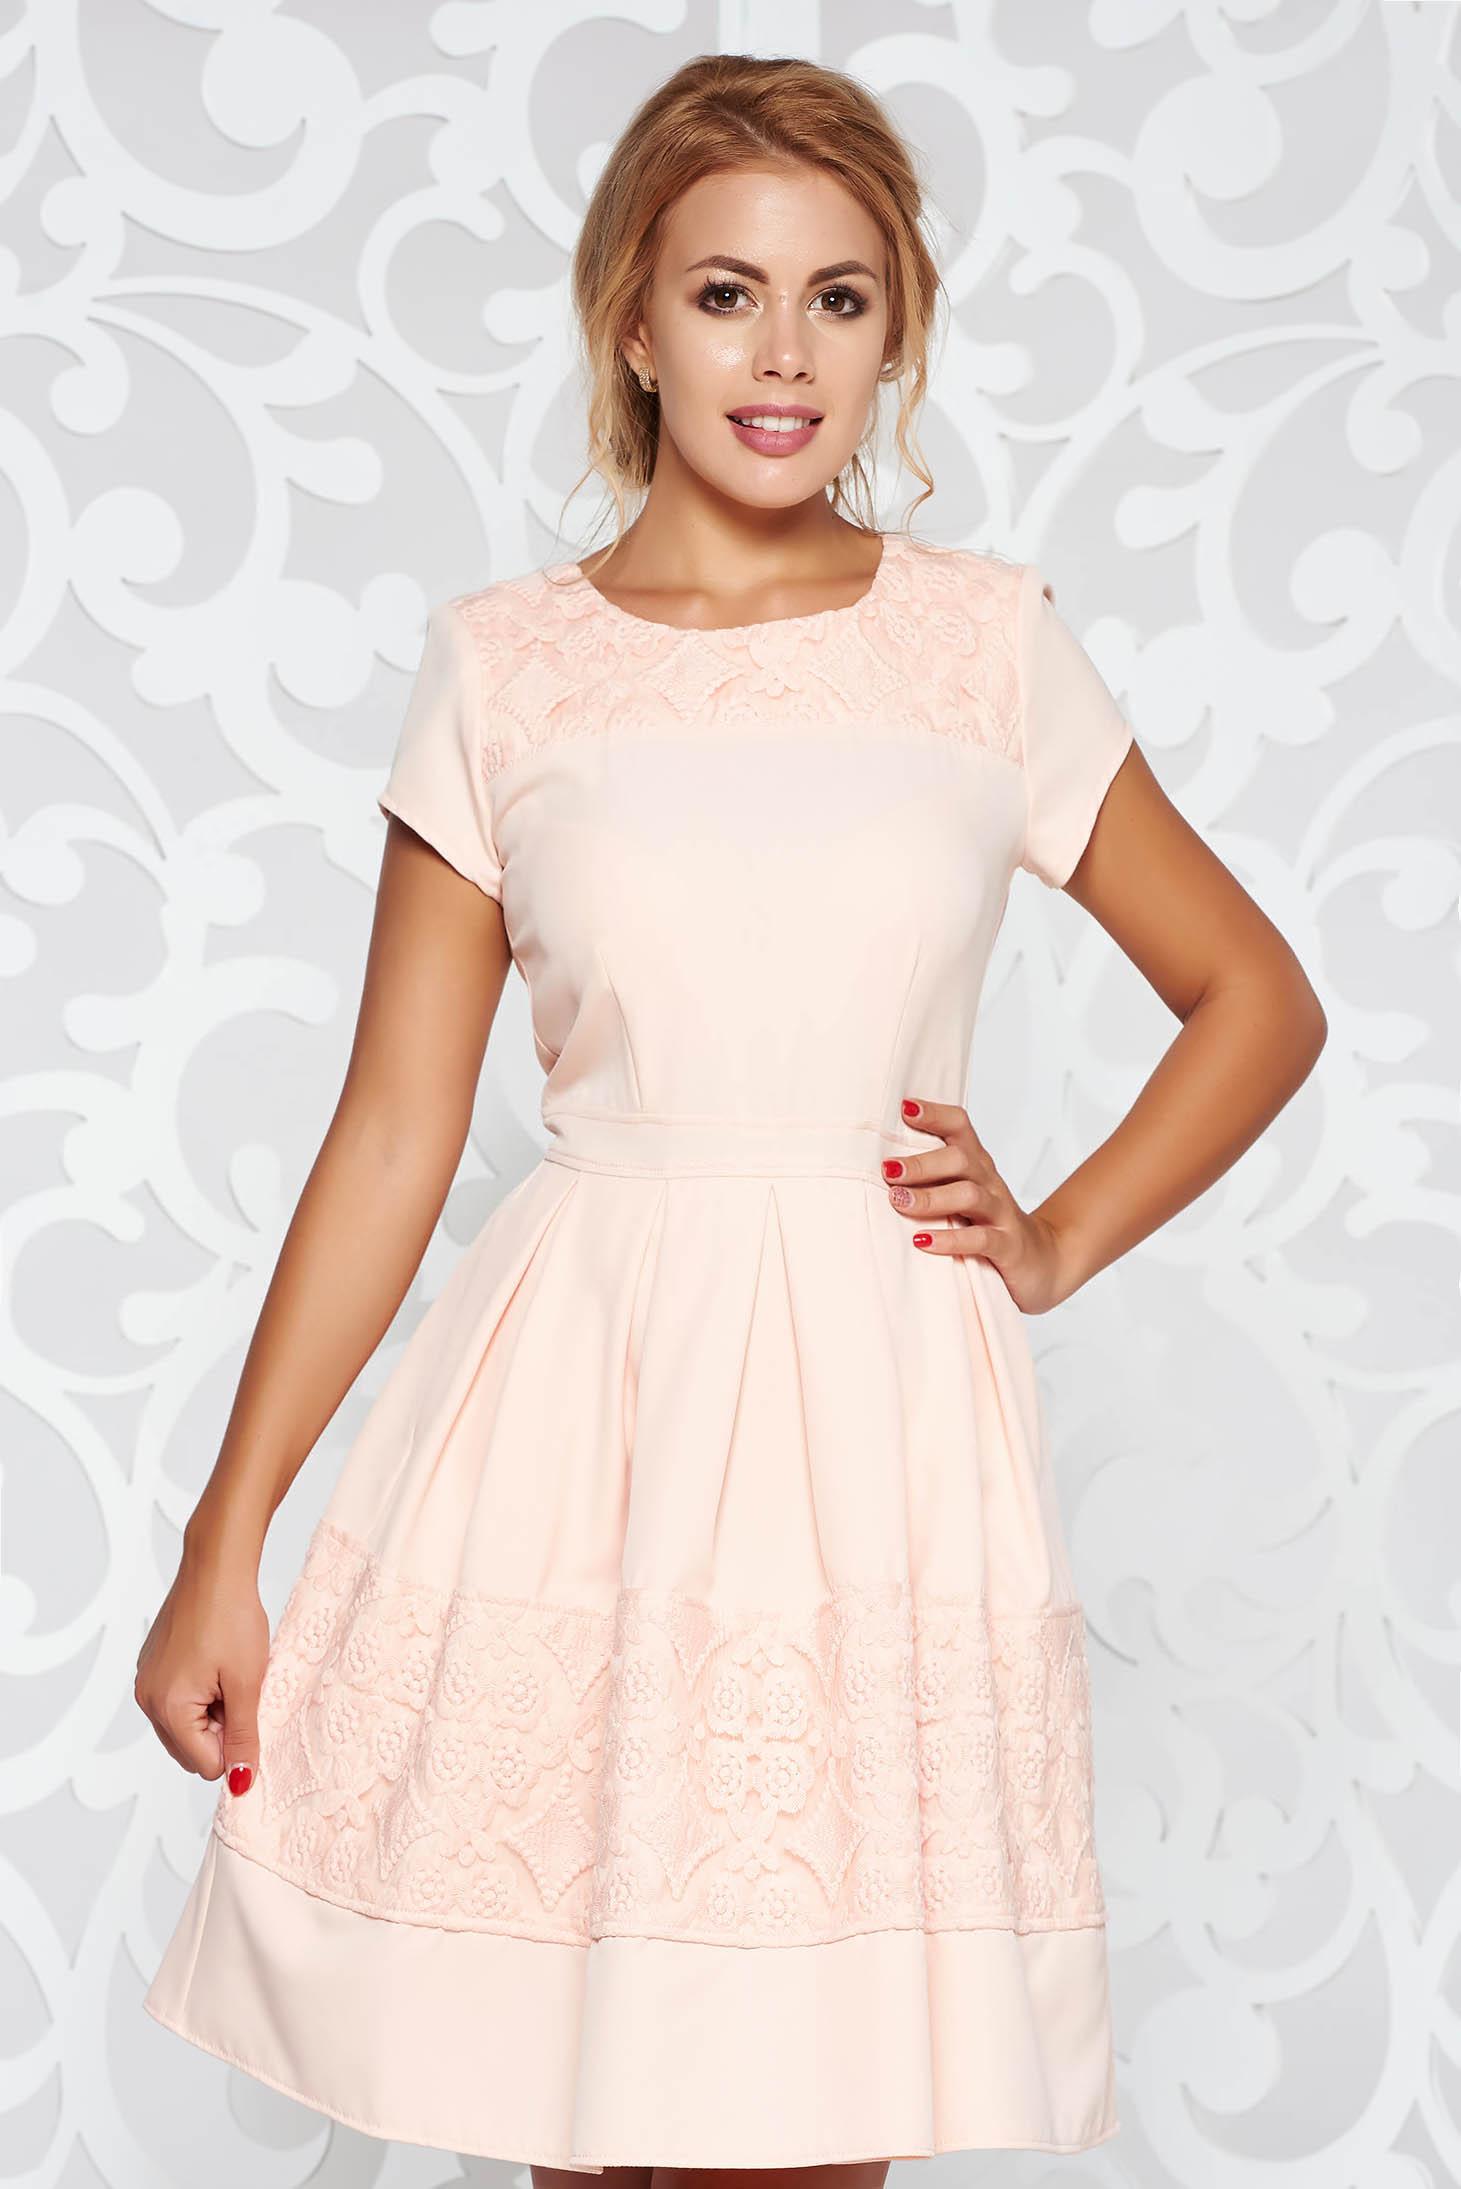 Rózsaszínű elegáns harang ruha enyhén elasztikus szövet csipke díszítéssel